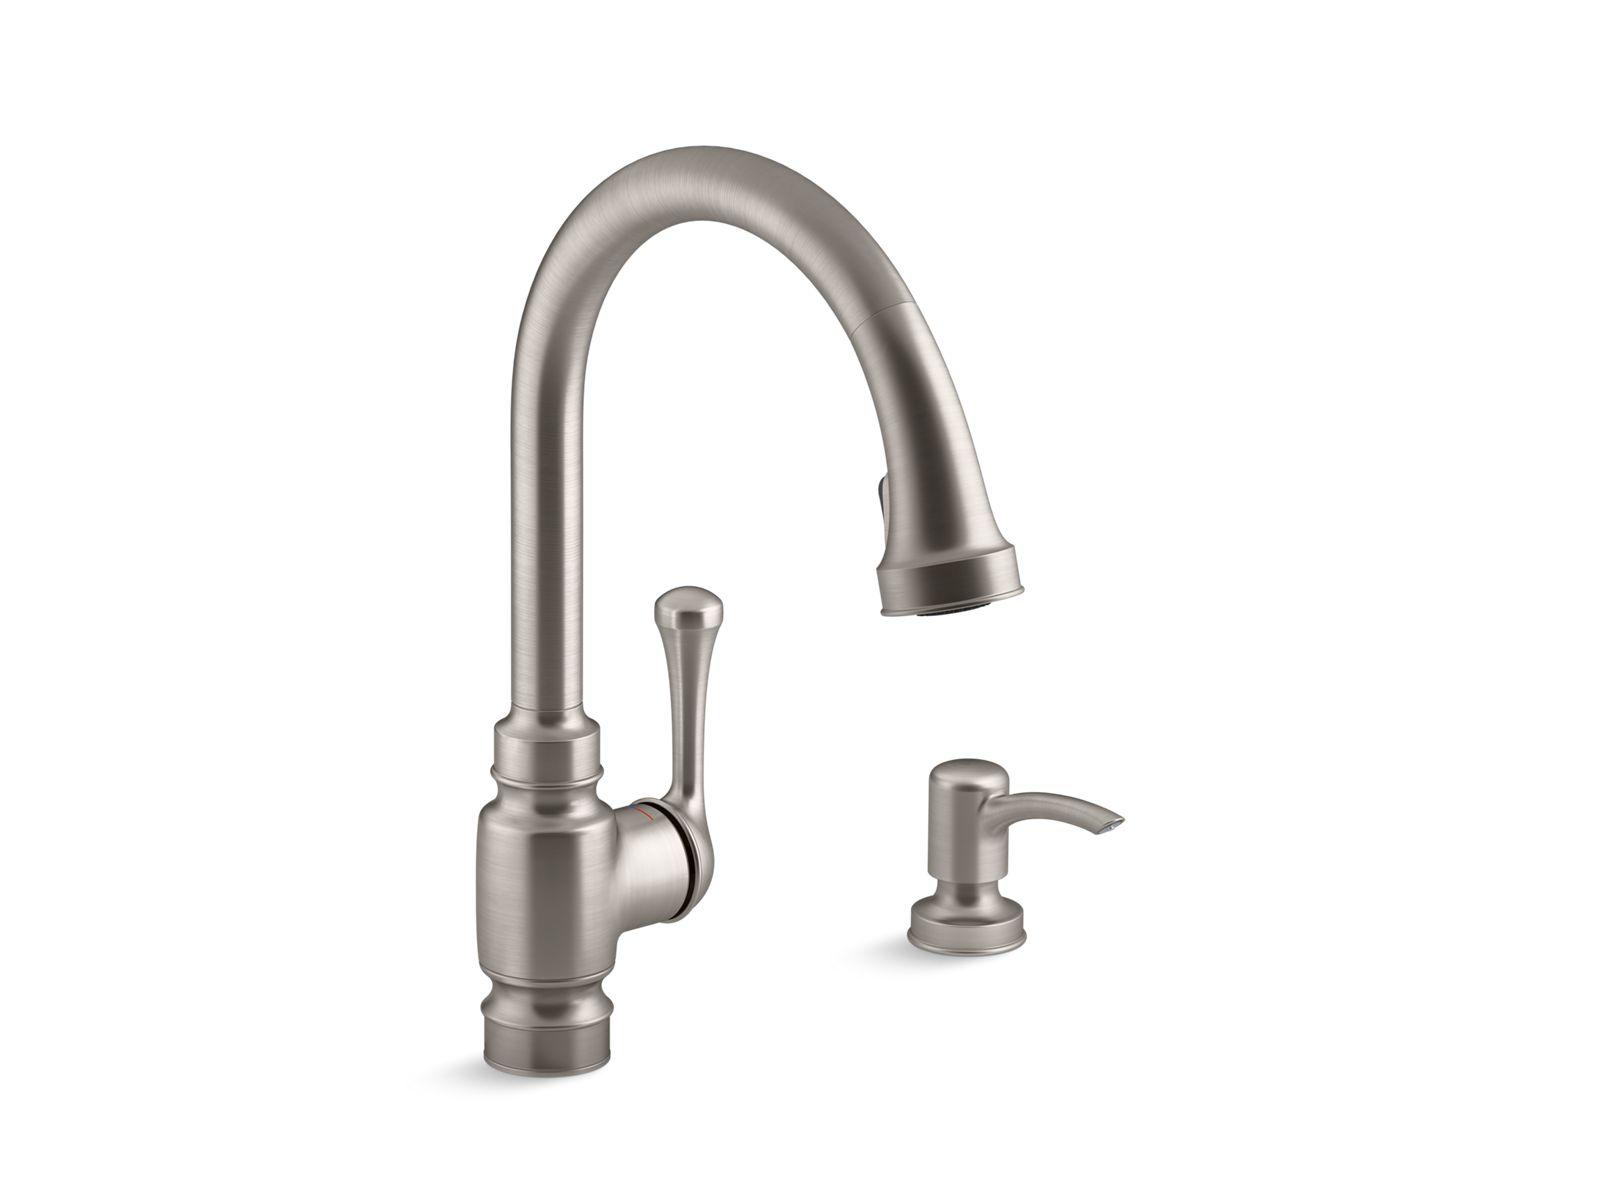 k r72512 sd carmichael pull down kitchen faucet with dispenser kohler